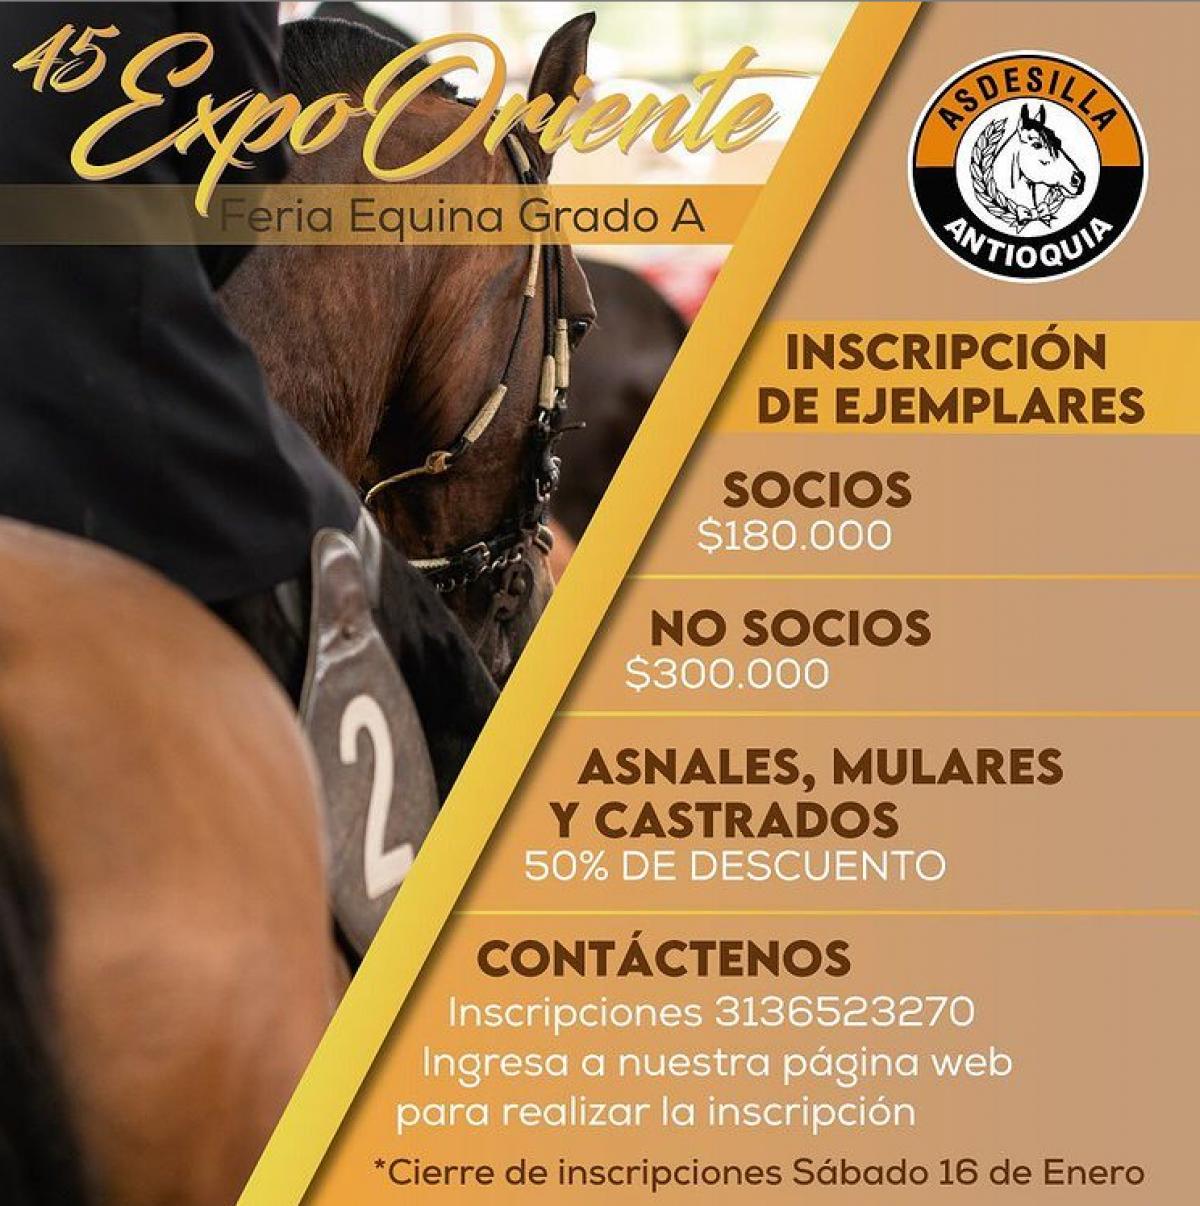 Inscribe tus ejemplares ExpoOriente 2020 - Asdesilla